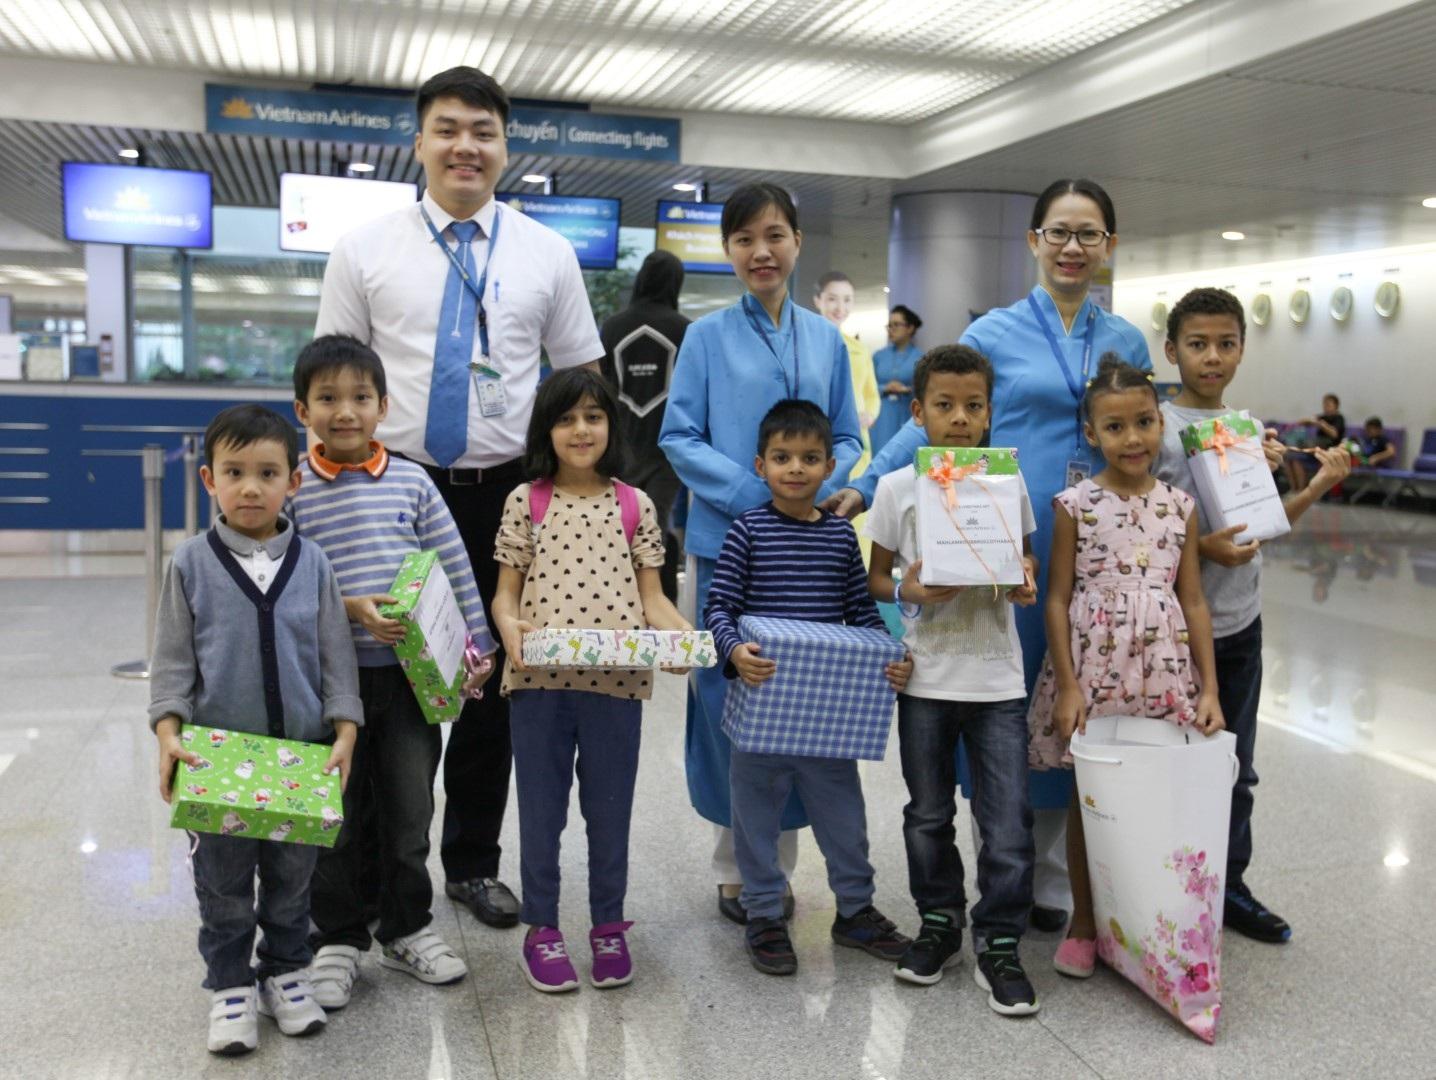 Các hành khách nhí vui mừng xen lẫn bất ngờ khi những điều ước của các em trở thành sự thực sau khi chuyến bay hạ cánh tại sân bay Tân Sơn Nhất.